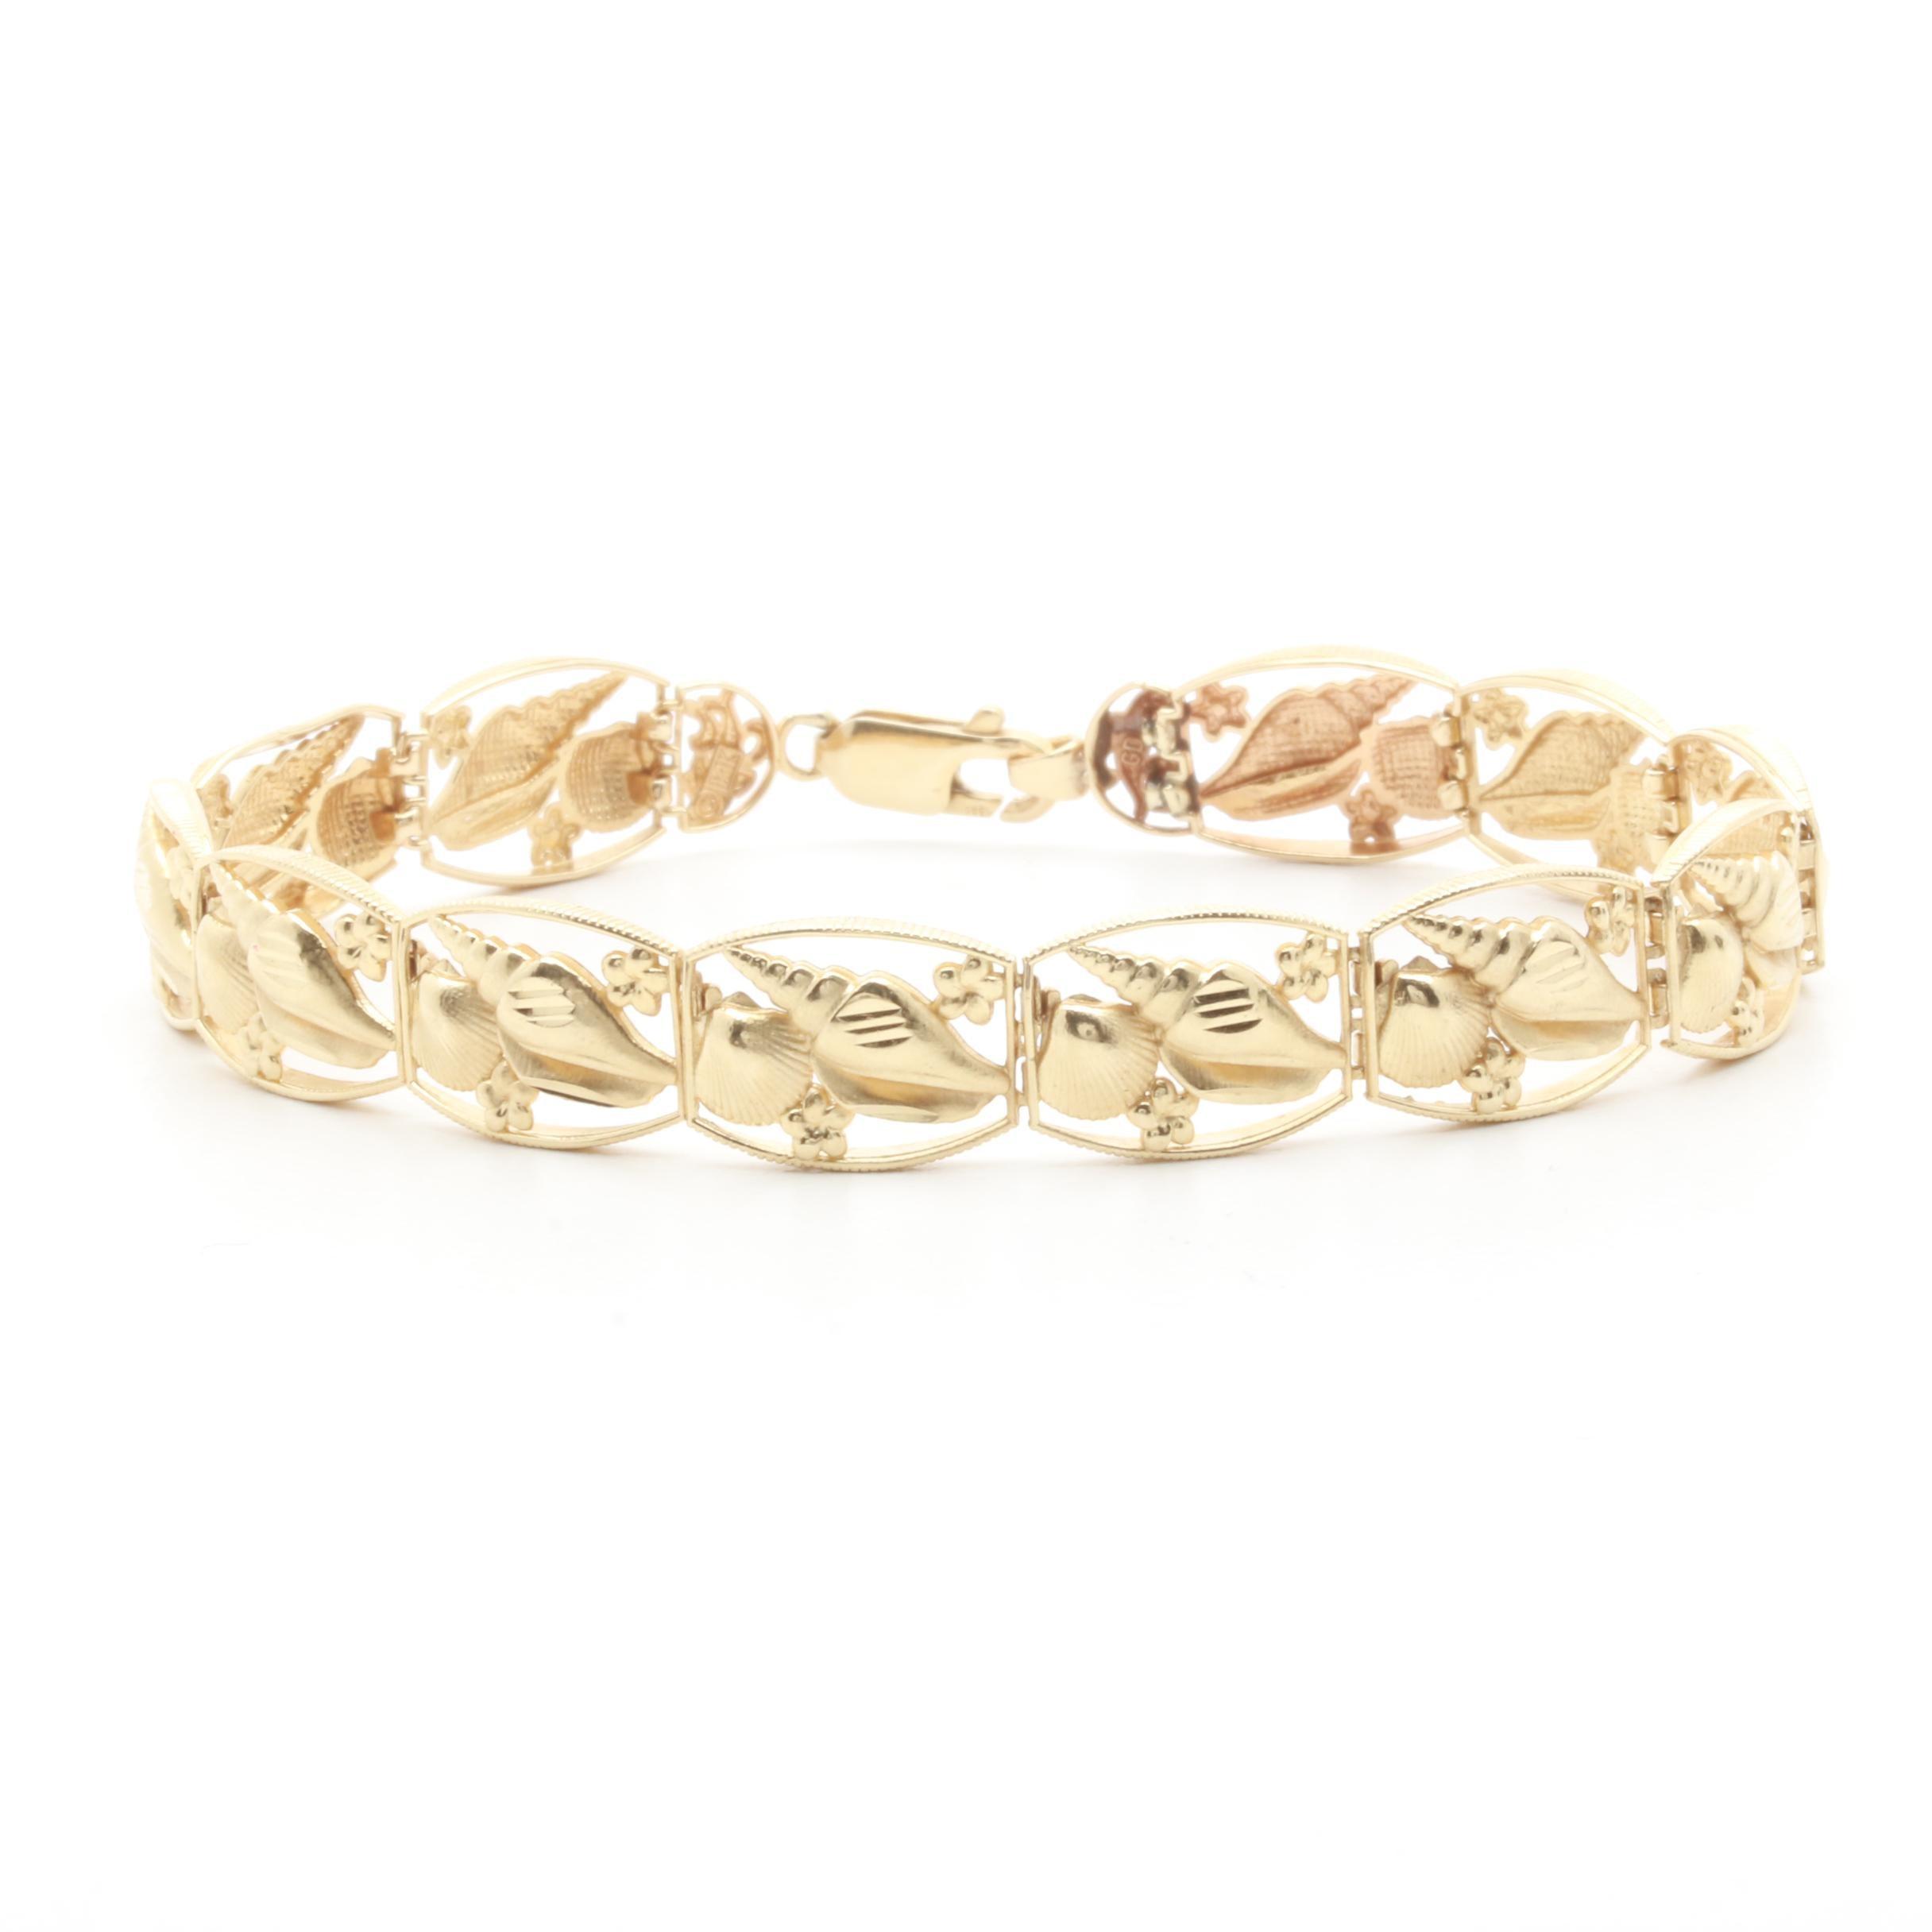 14K Yellow Gold Seashell Design Link Bracelet